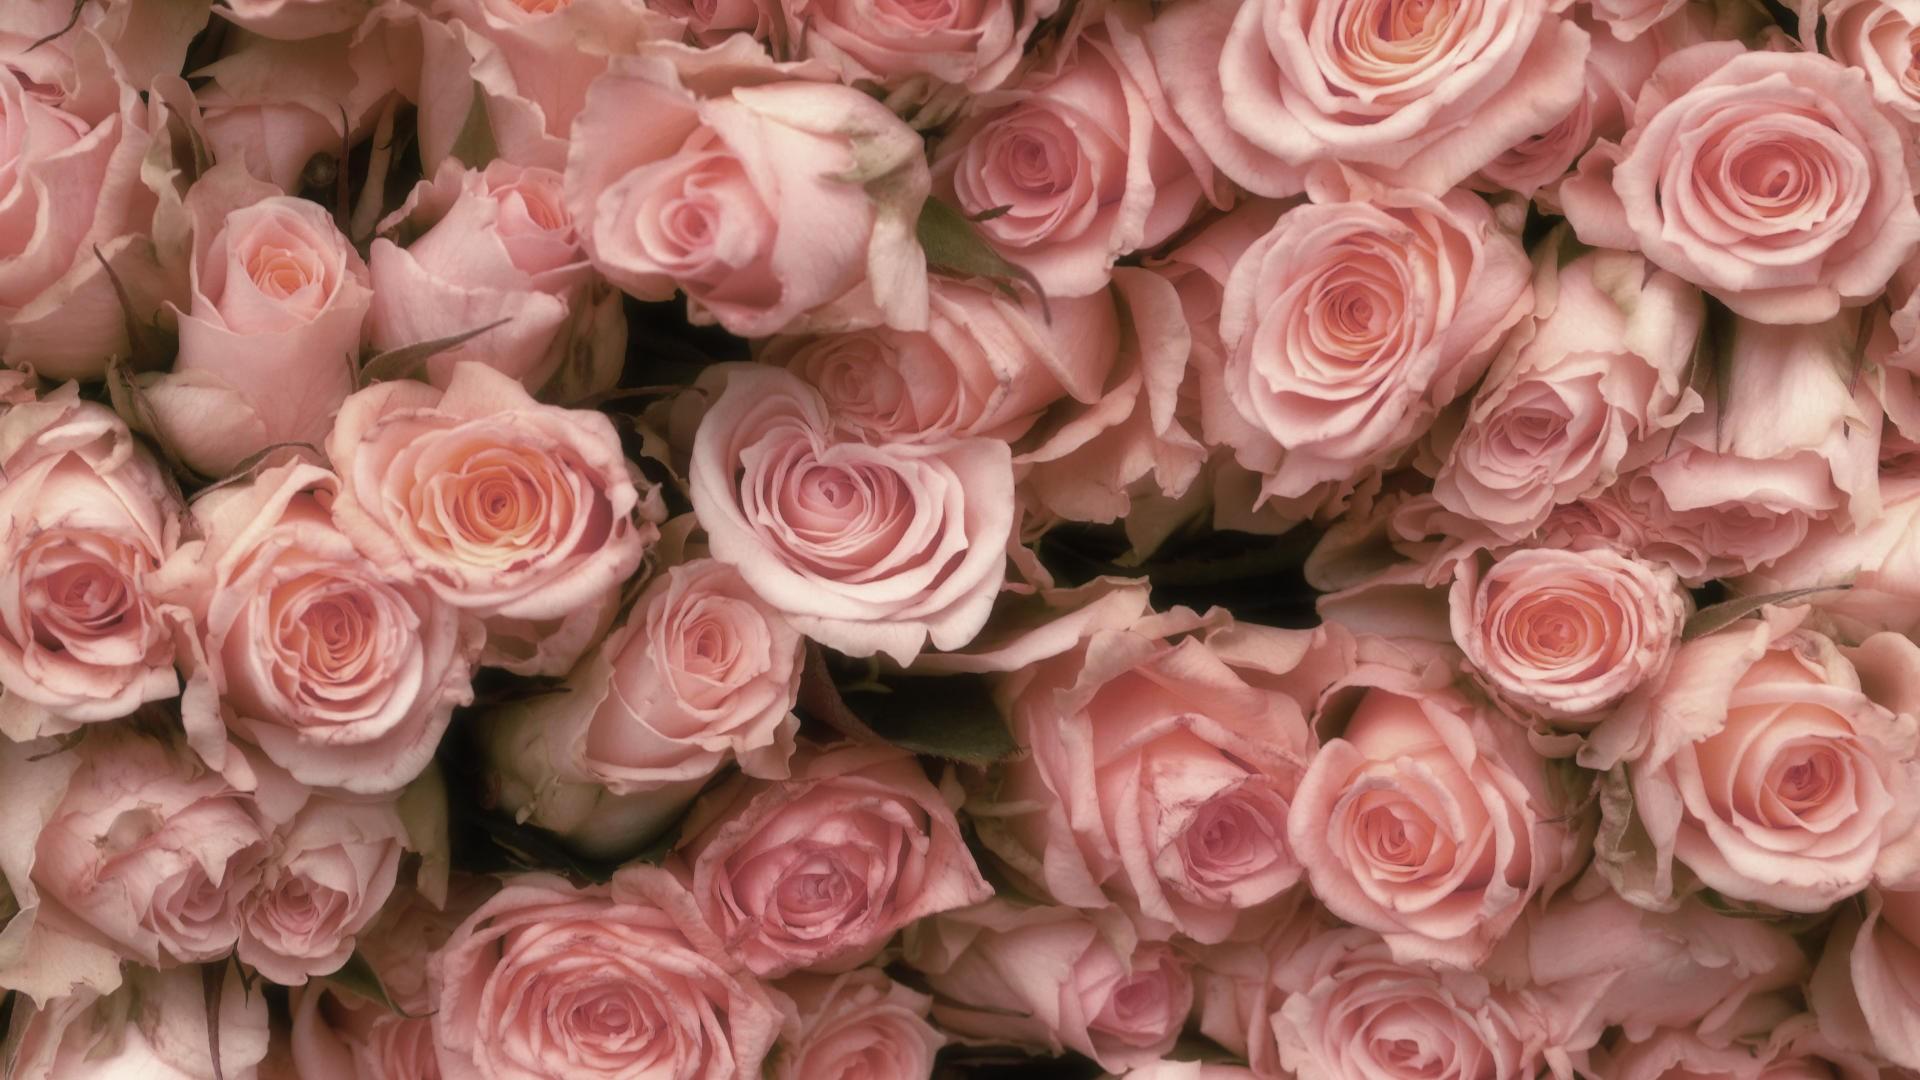 этой картинки на экран цветы розы огурчики по-тираспольски сегодня